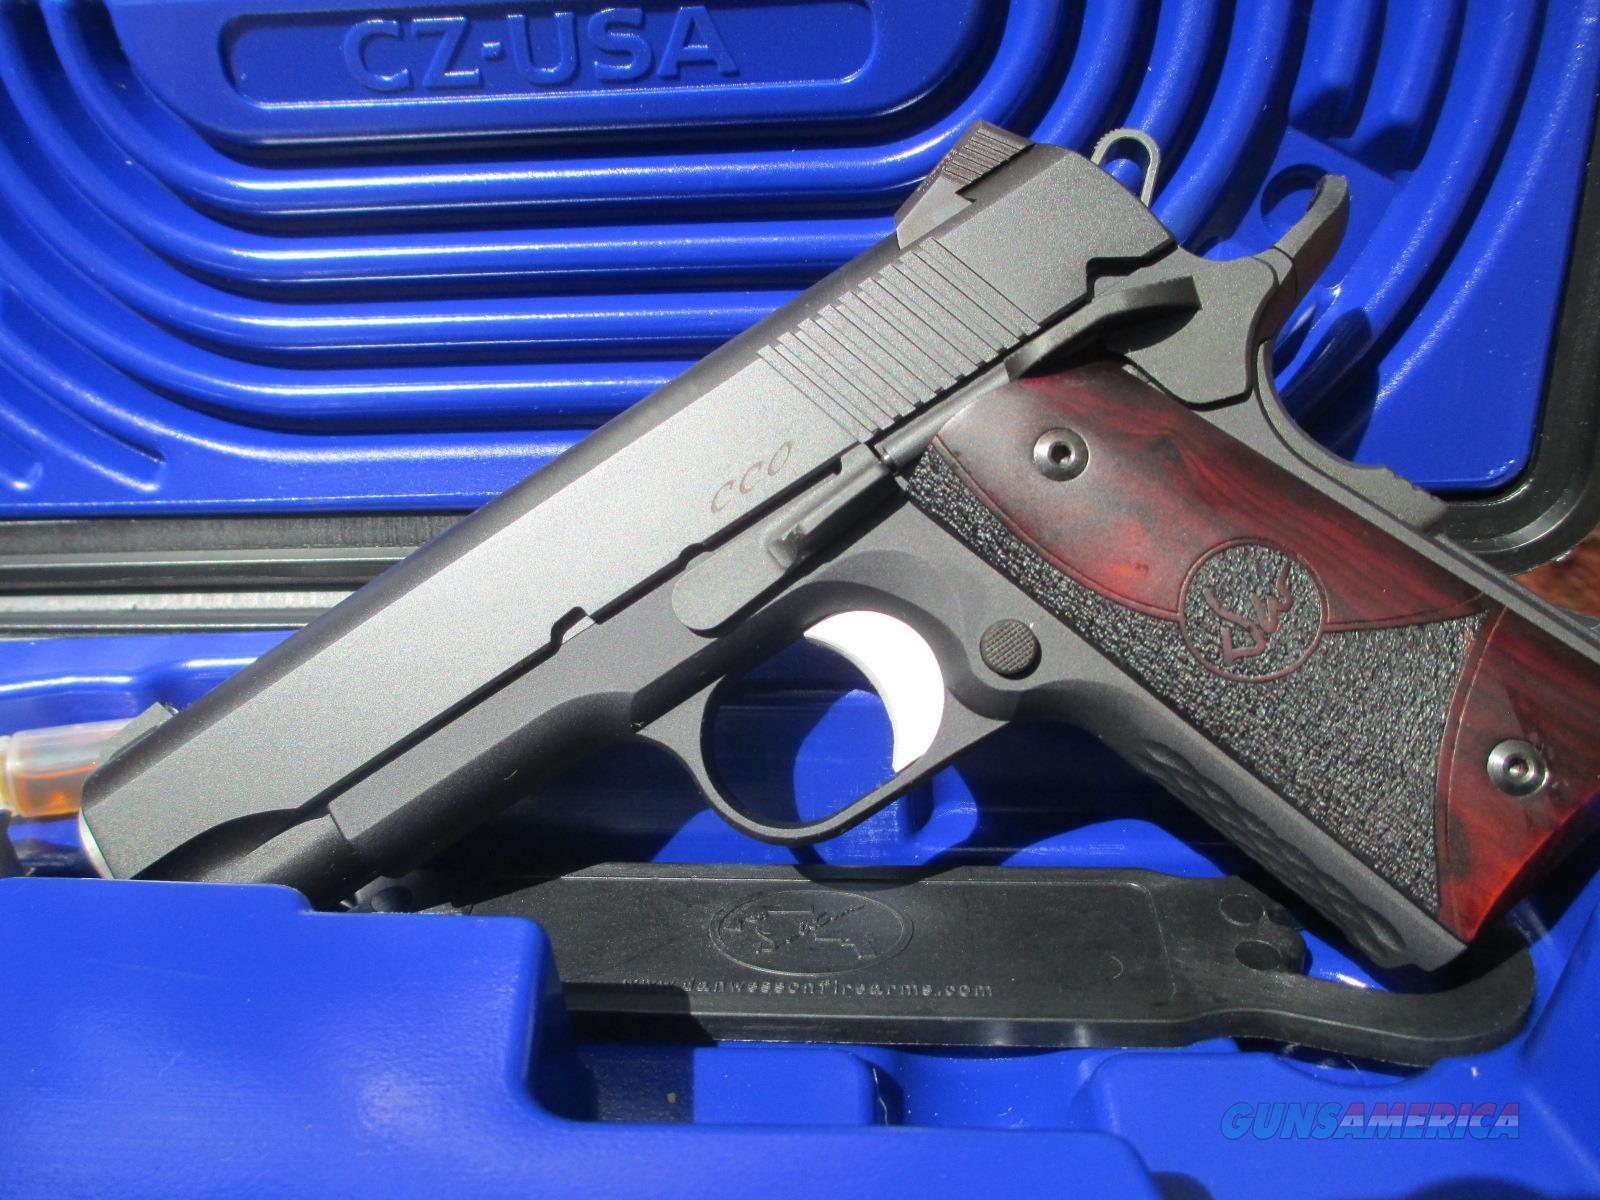 DAN WESSON CCO  Guns > Pistols > Dan Wesson Pistols/Revolvers > 1911 Style